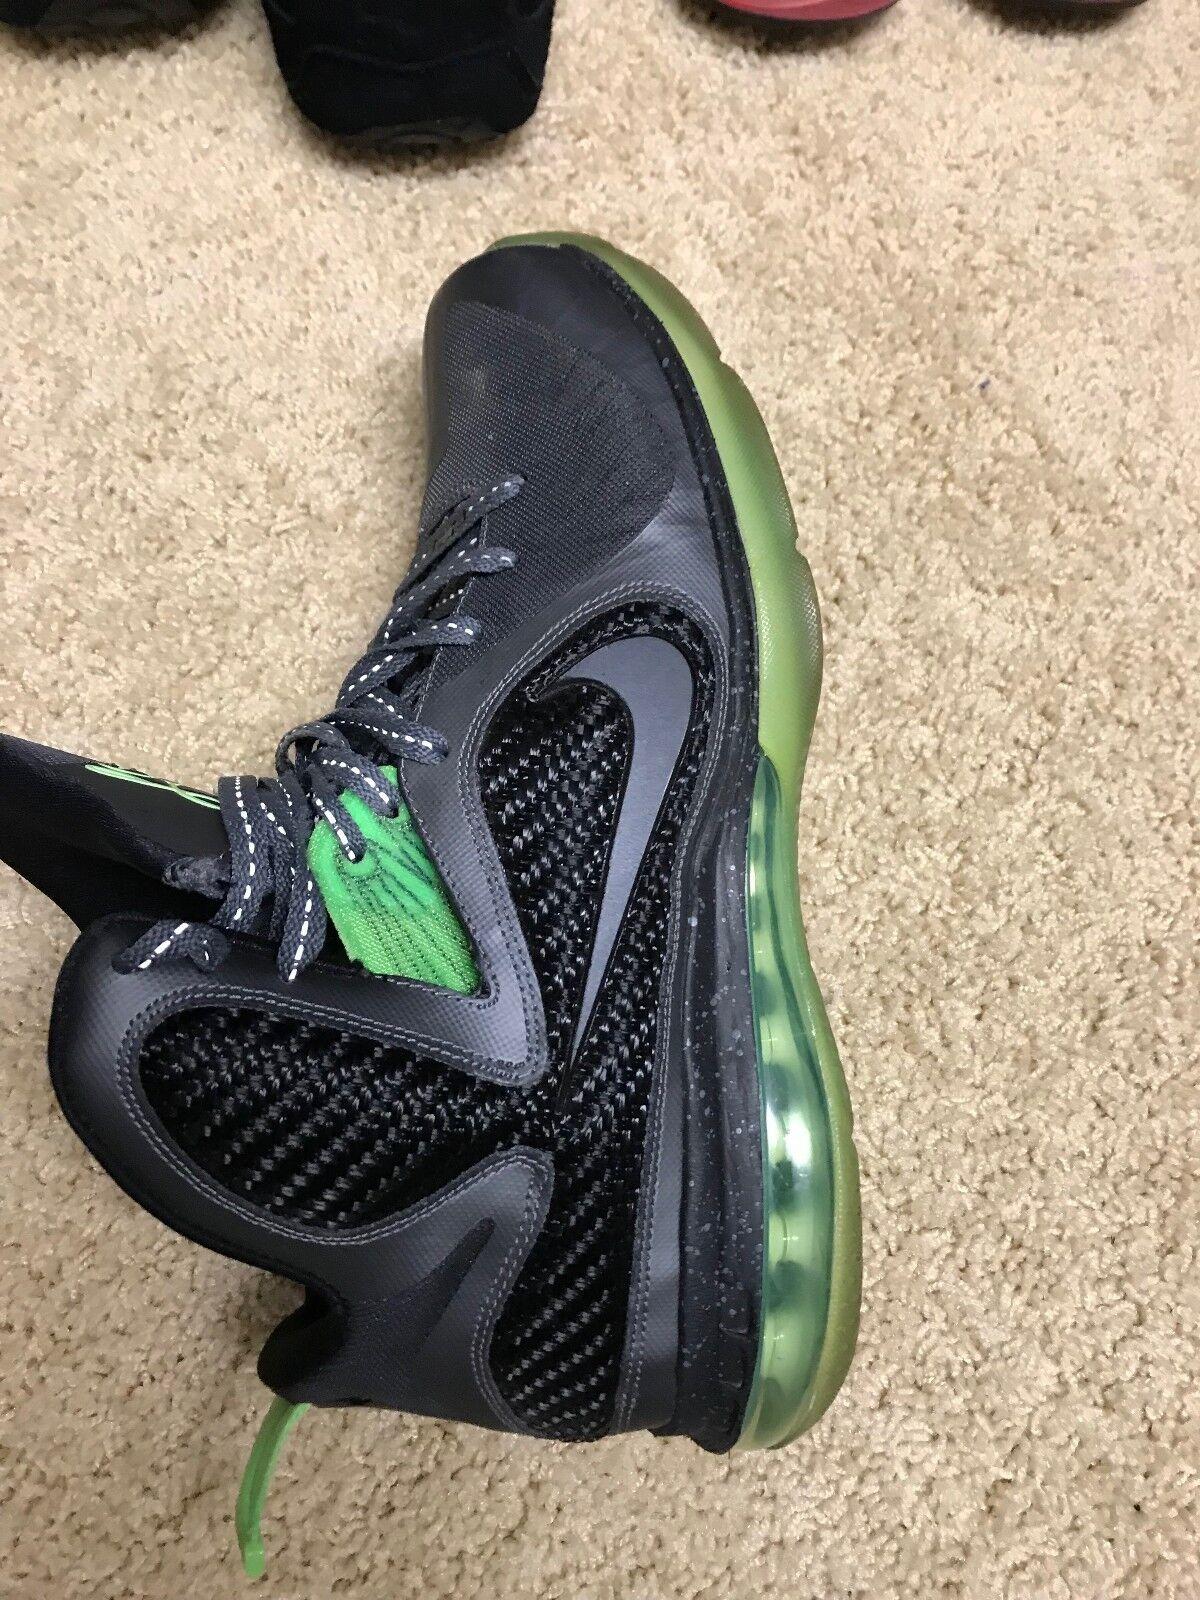 Nike Lebron 9 Dunkman Size 10